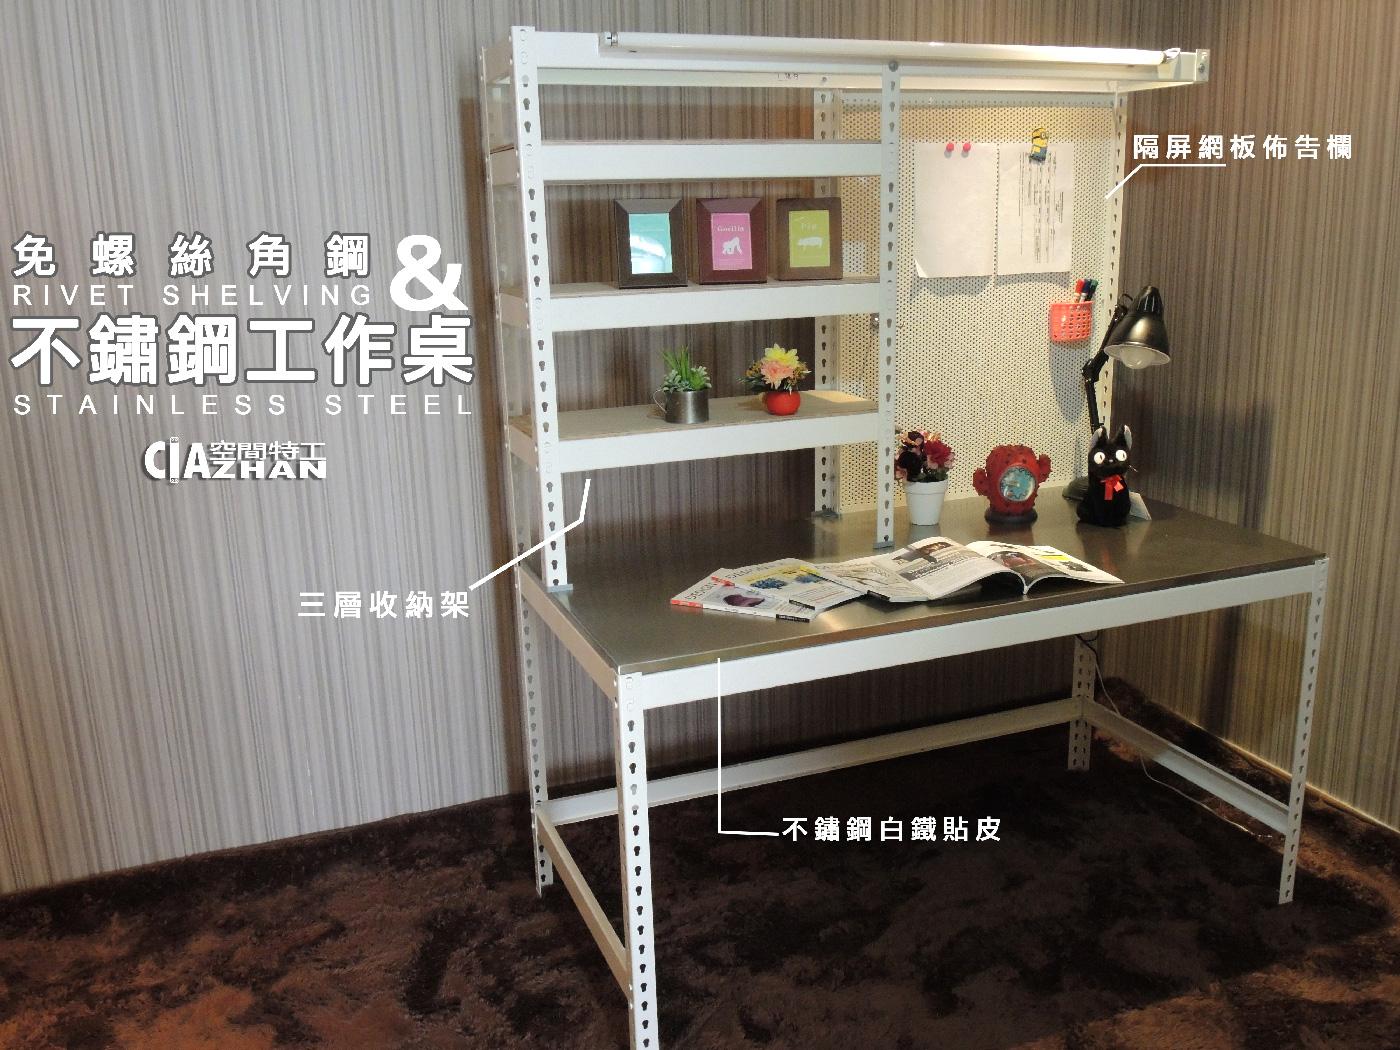 電腦桌 ♞空間特工♞ (客製化設計) 書桌 工作桌 免螺絲角鋼+304不鏽鋼木板